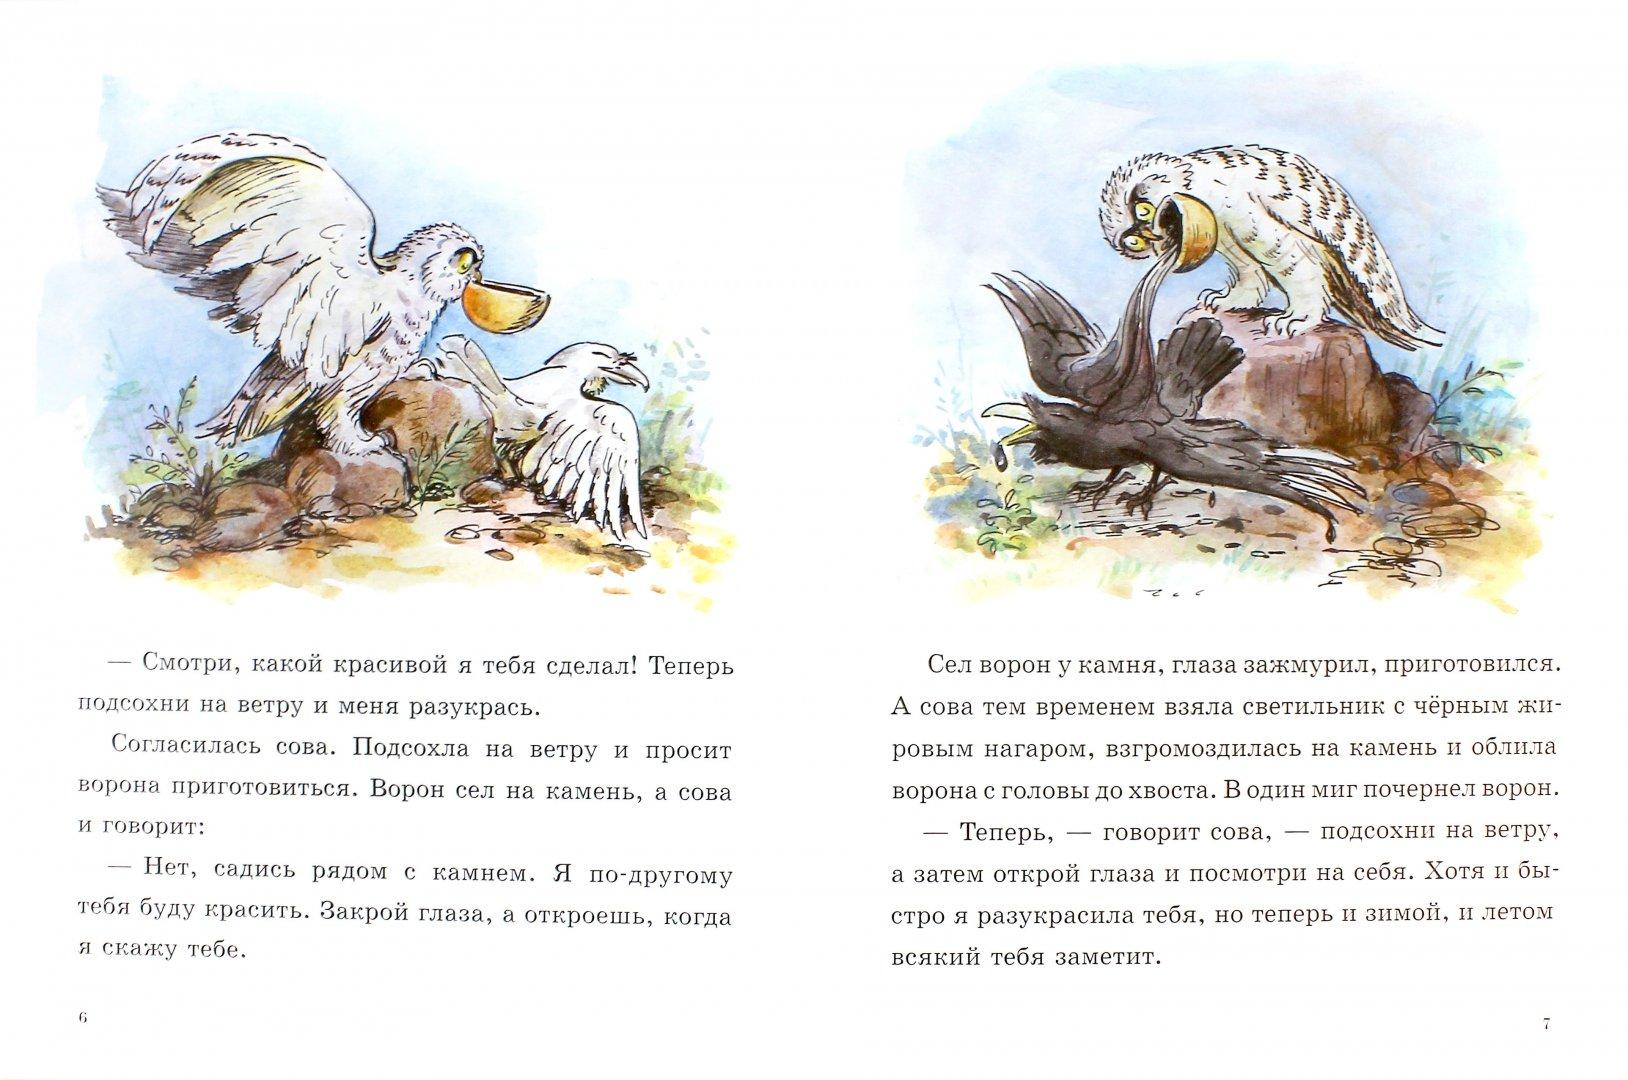 Иллюстрация 1 из 44 для О честном вороне, коварной сове и глупом лисе | Лабиринт - книги. Источник: Лабиринт